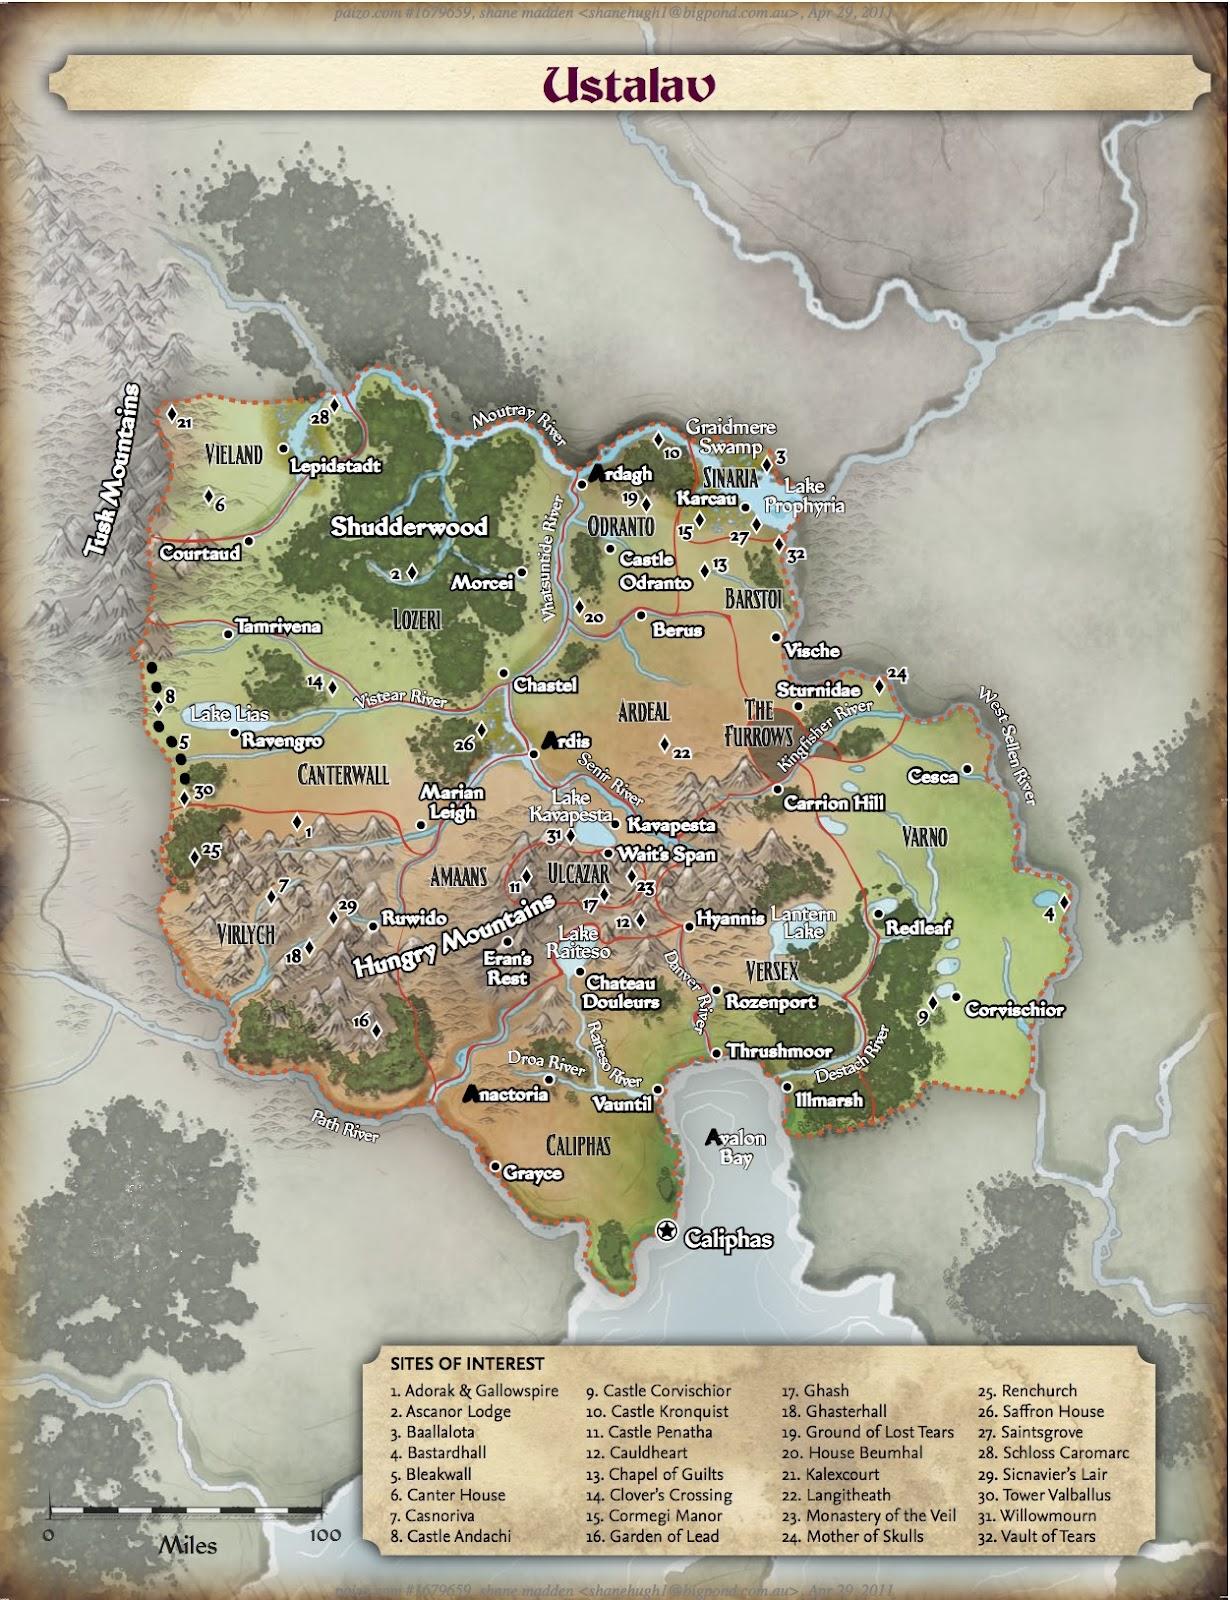 Carte d'Ustalav